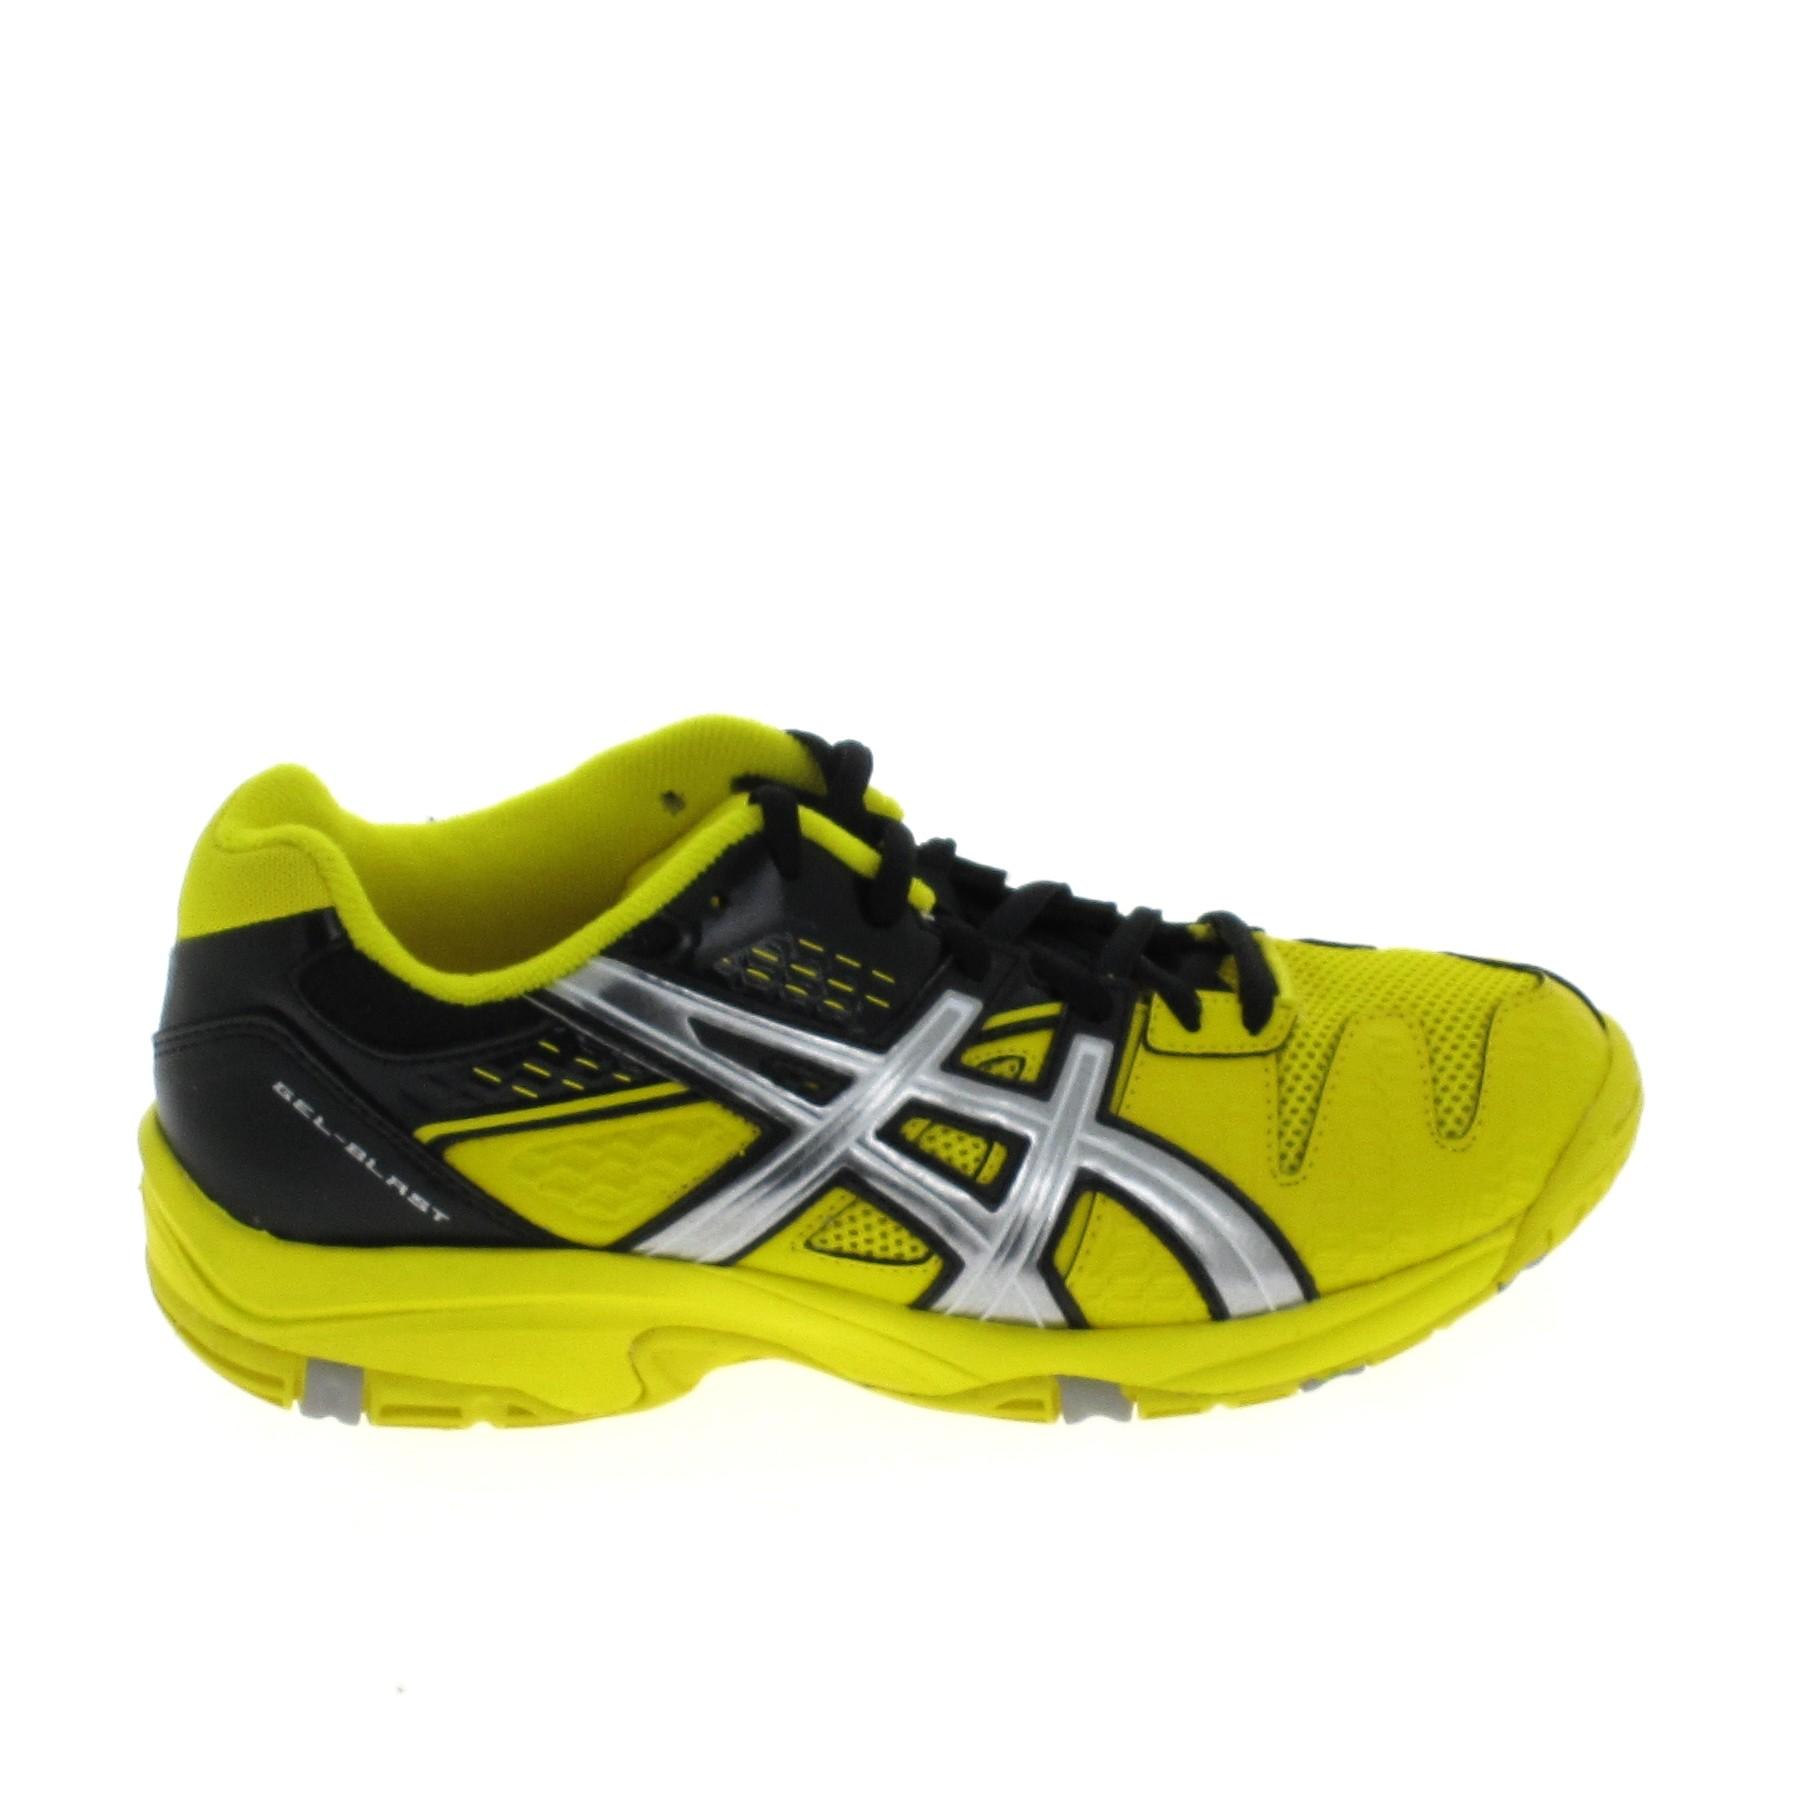 92541768d835b 5 5 5 Hvwaa Blast Handball Chaussure Gel Asics 14ndnxqAaw